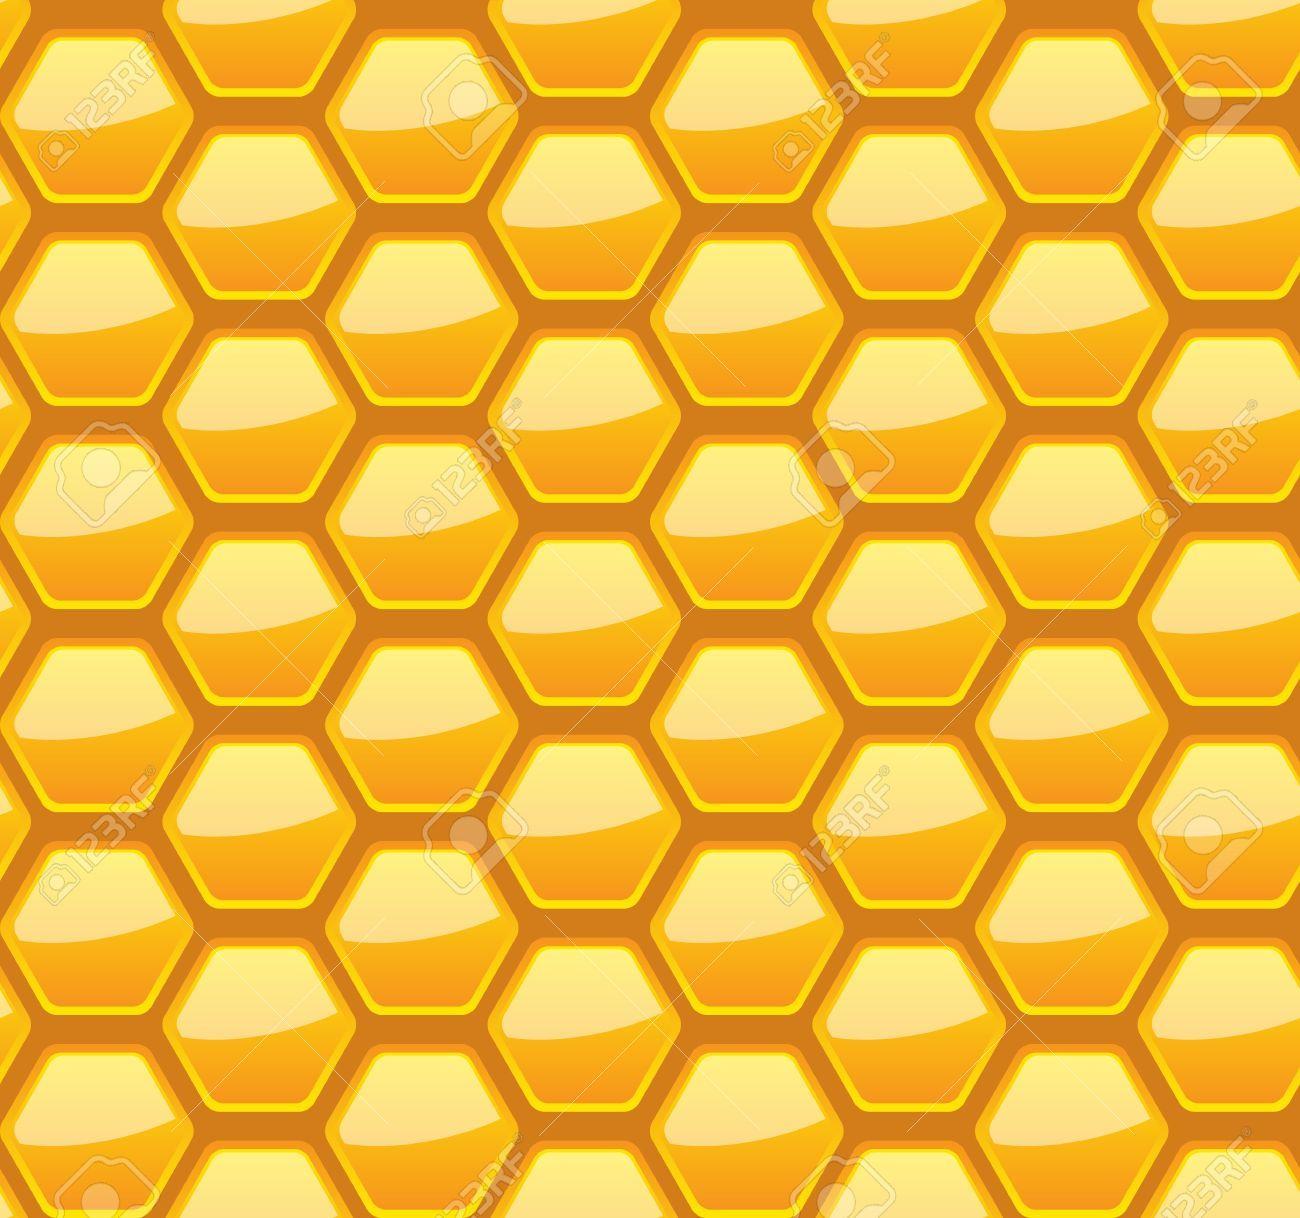 Honeycomb clipart free 5 » Clipart Portal.